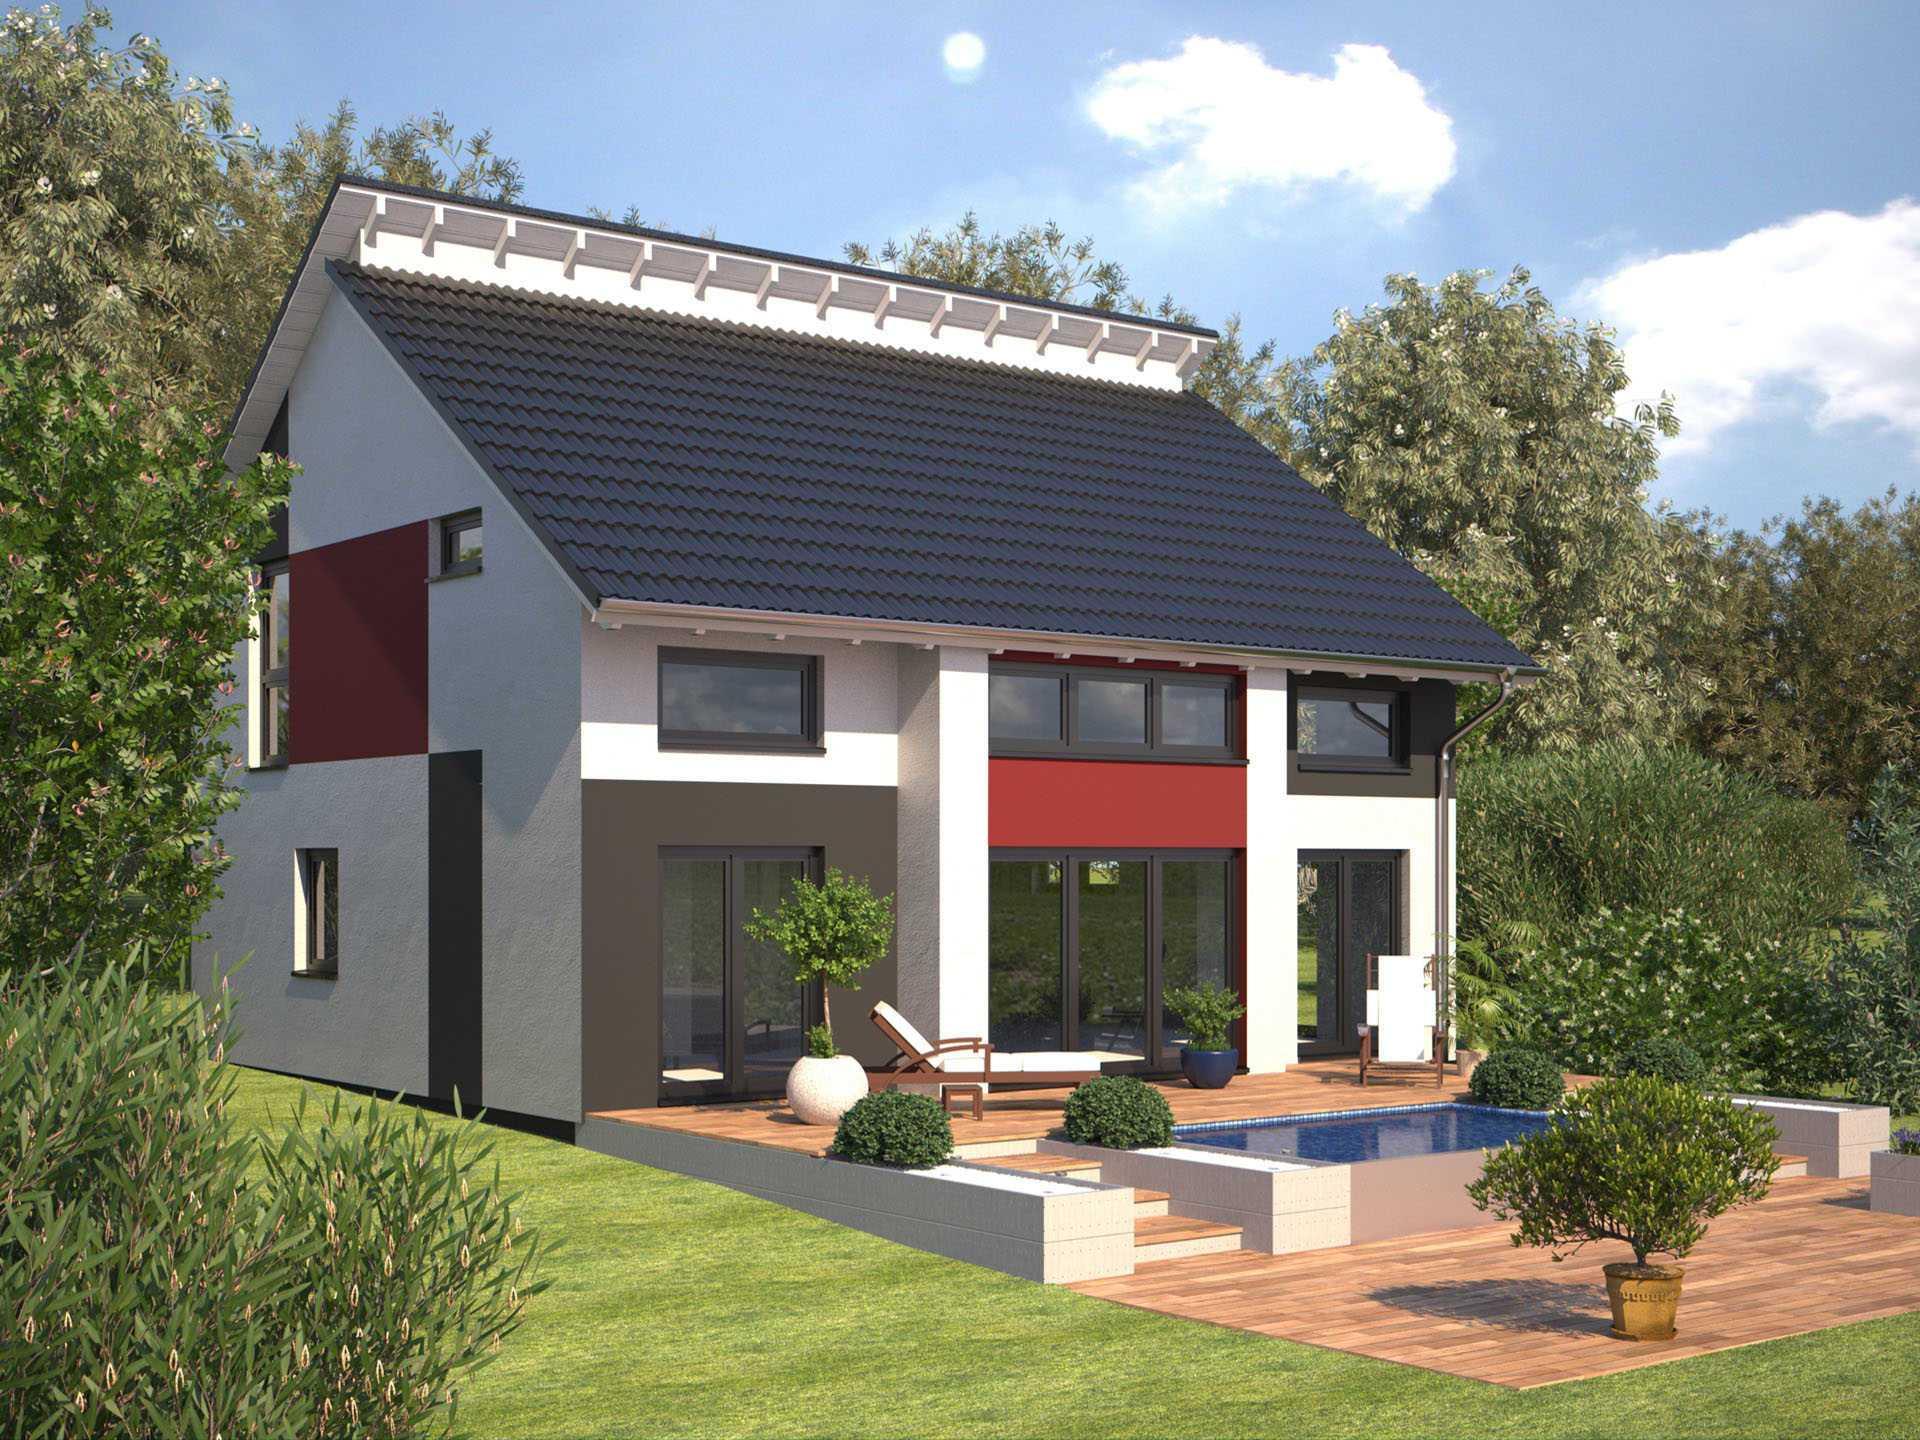 Einfamilienhaus Esprit 155 Bärenhaus